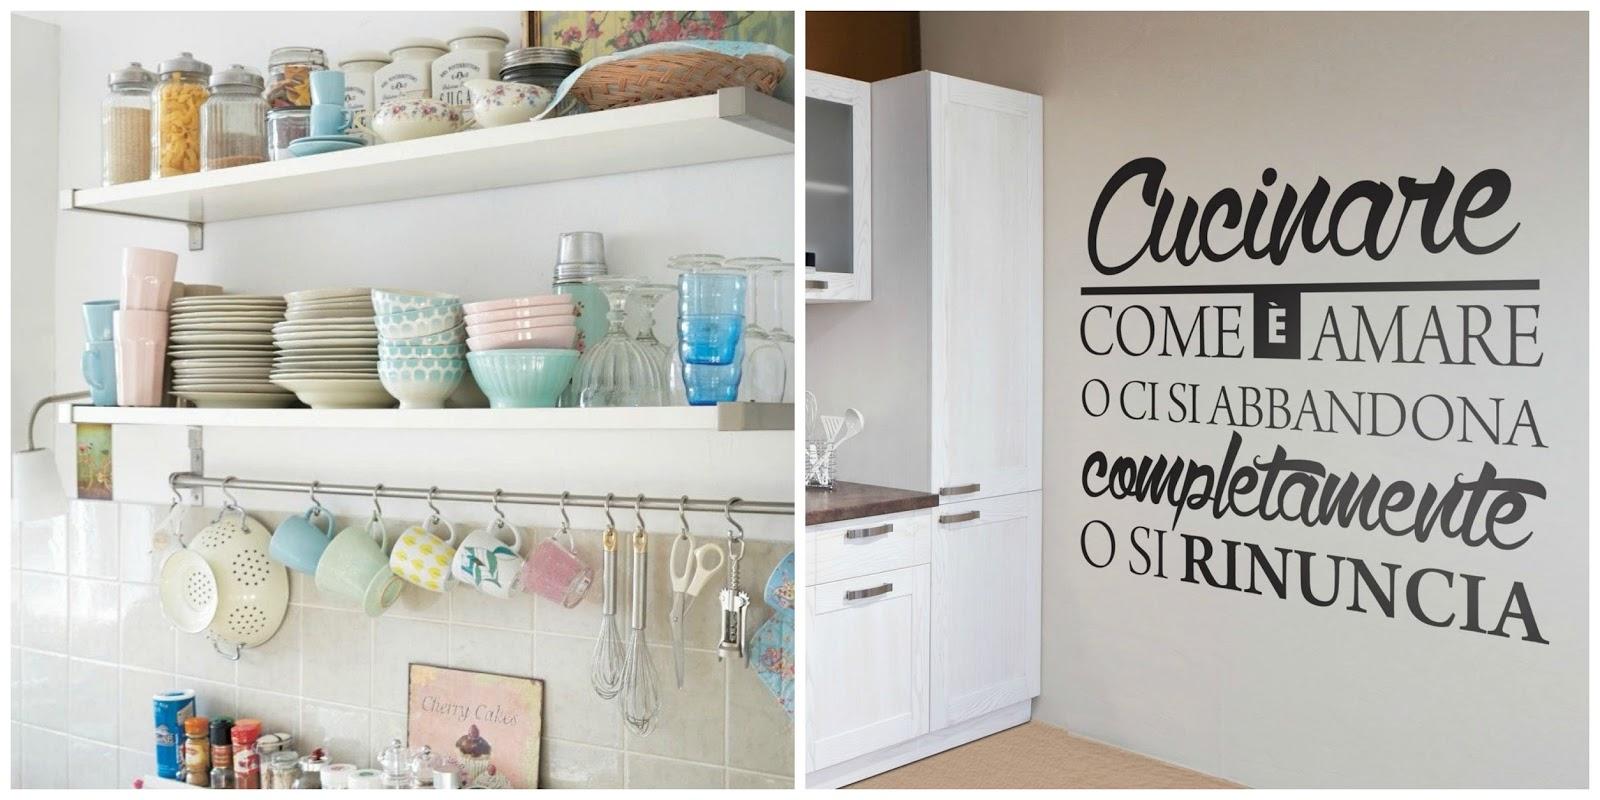 Cucina di barbara food blog blog di cucina ricette 9 for Stencil per mobili cucina